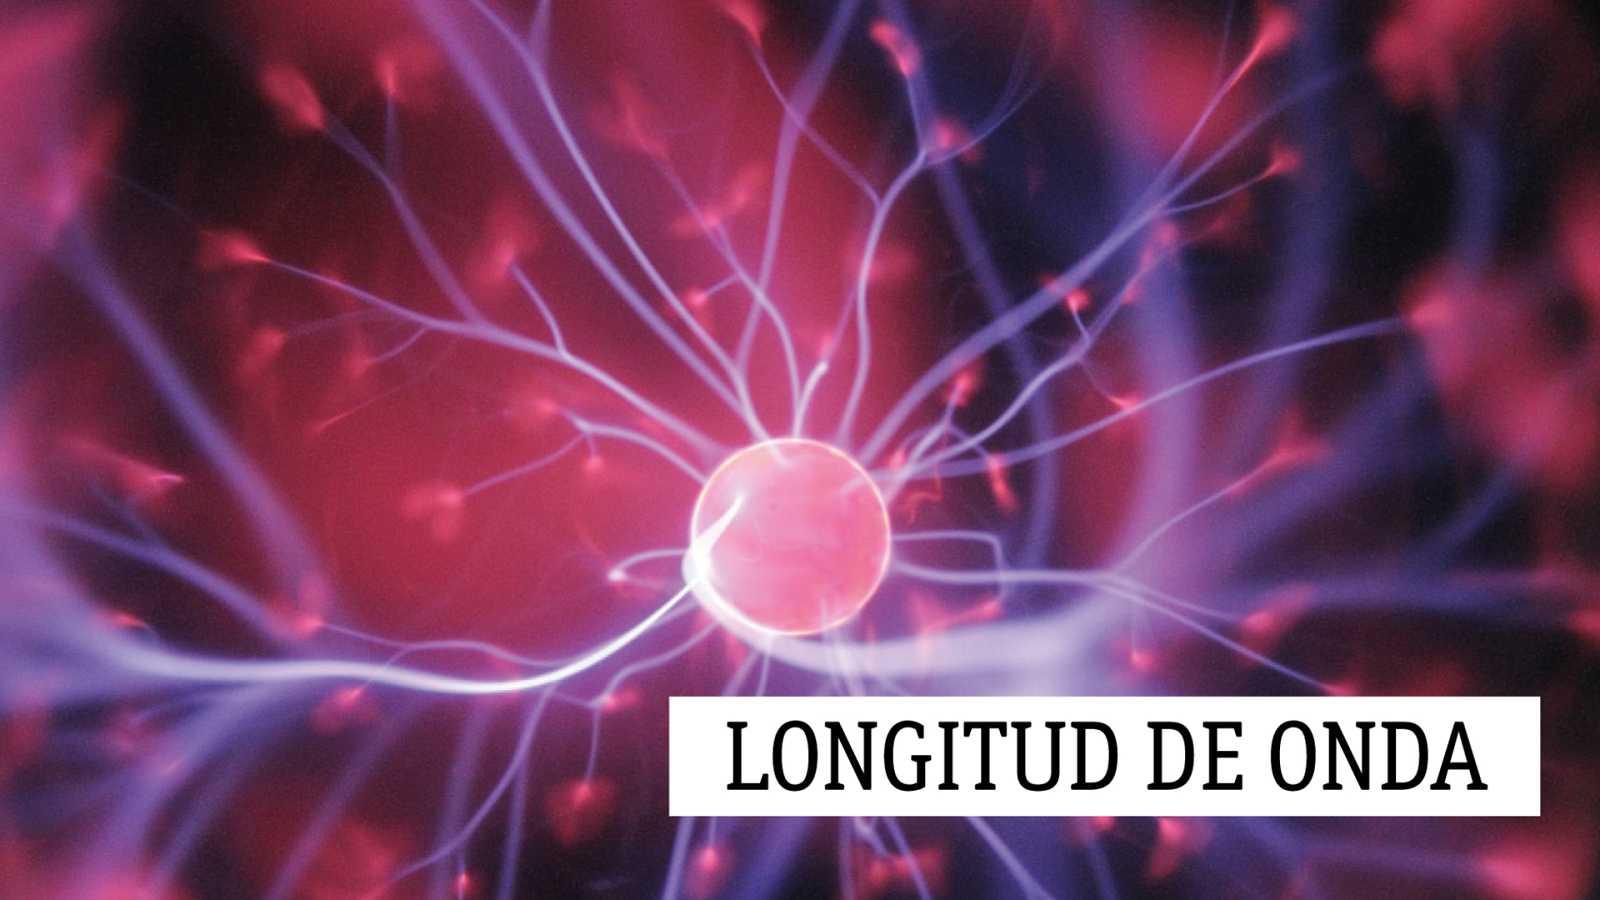 Longitud de onda - Bailar le sienta así de bien al cerebro - 16/04/21 - escuchar ahora